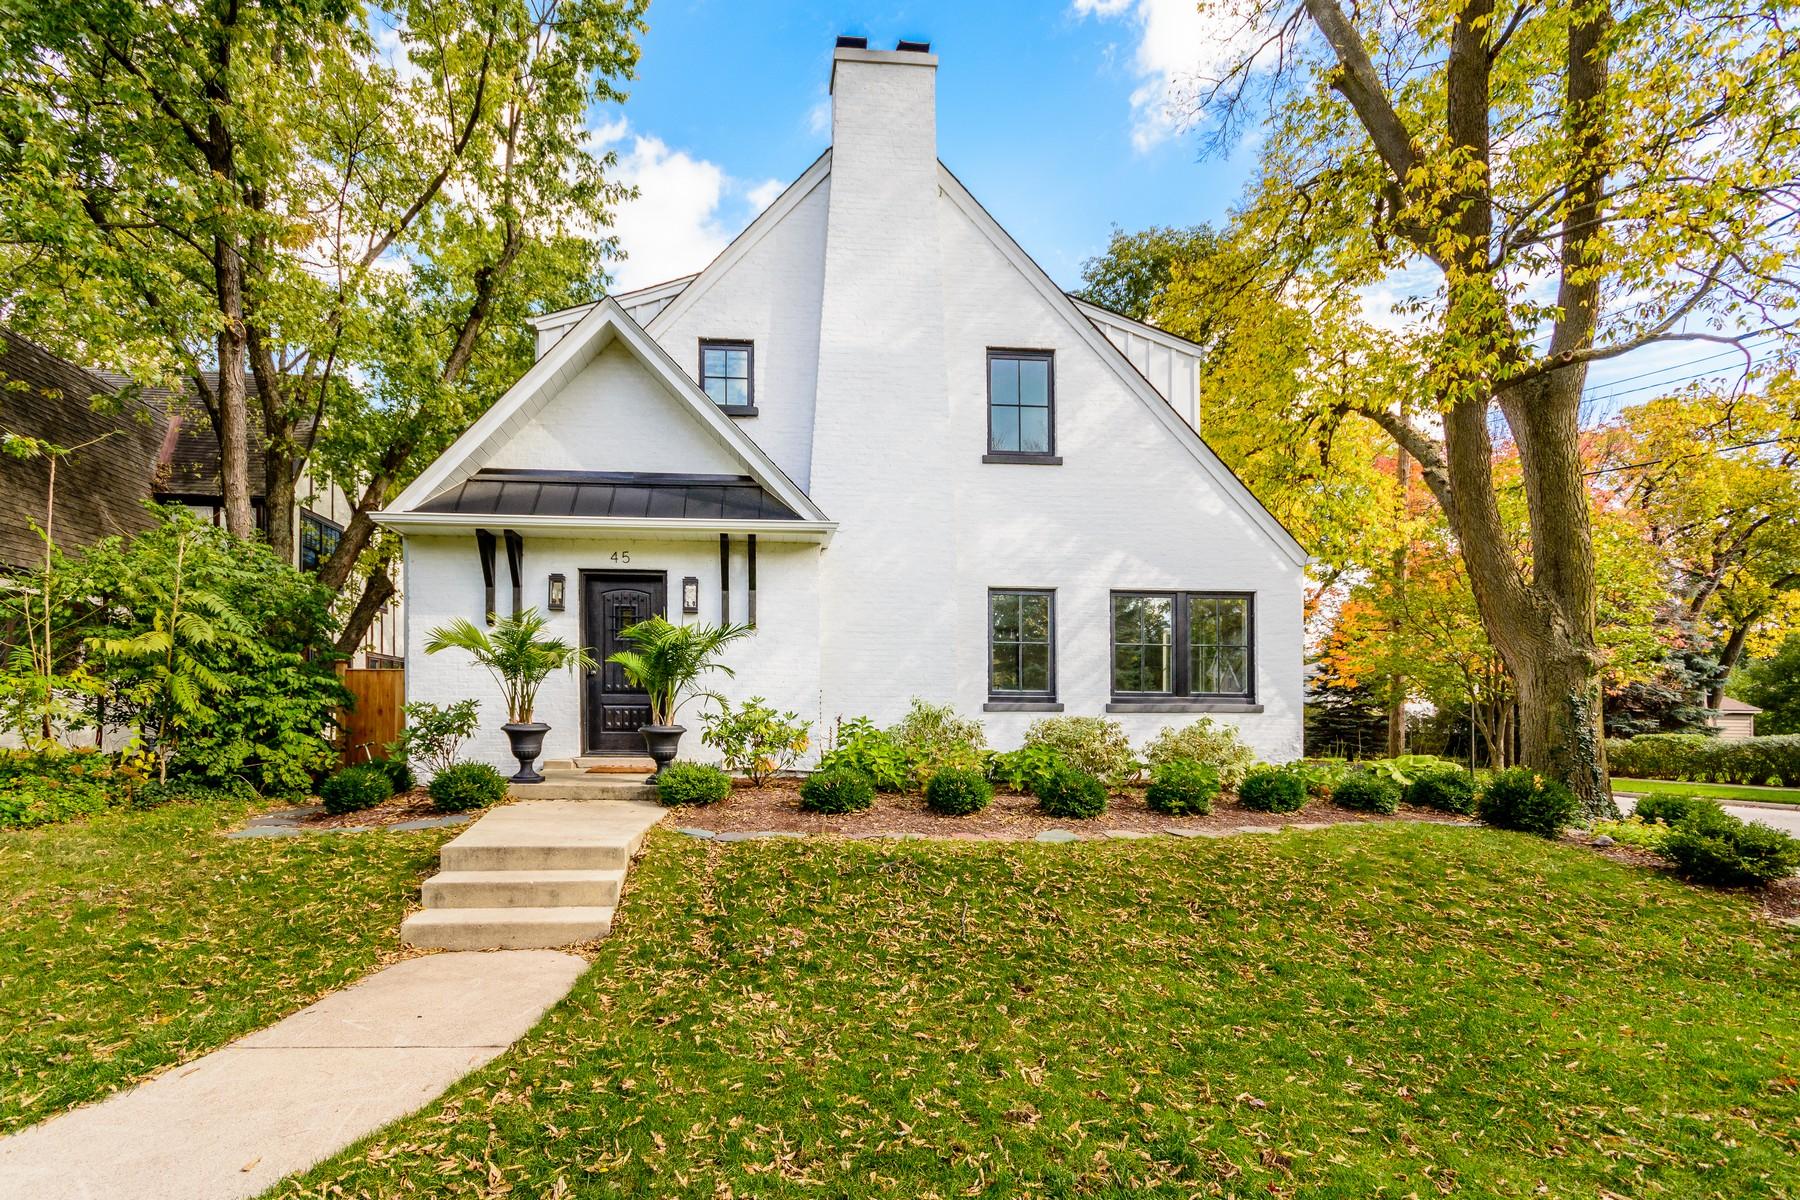 Villa per Vendita alle ore 45 Springlake Hinsdale, Illinois, 60521 Stati Uniti